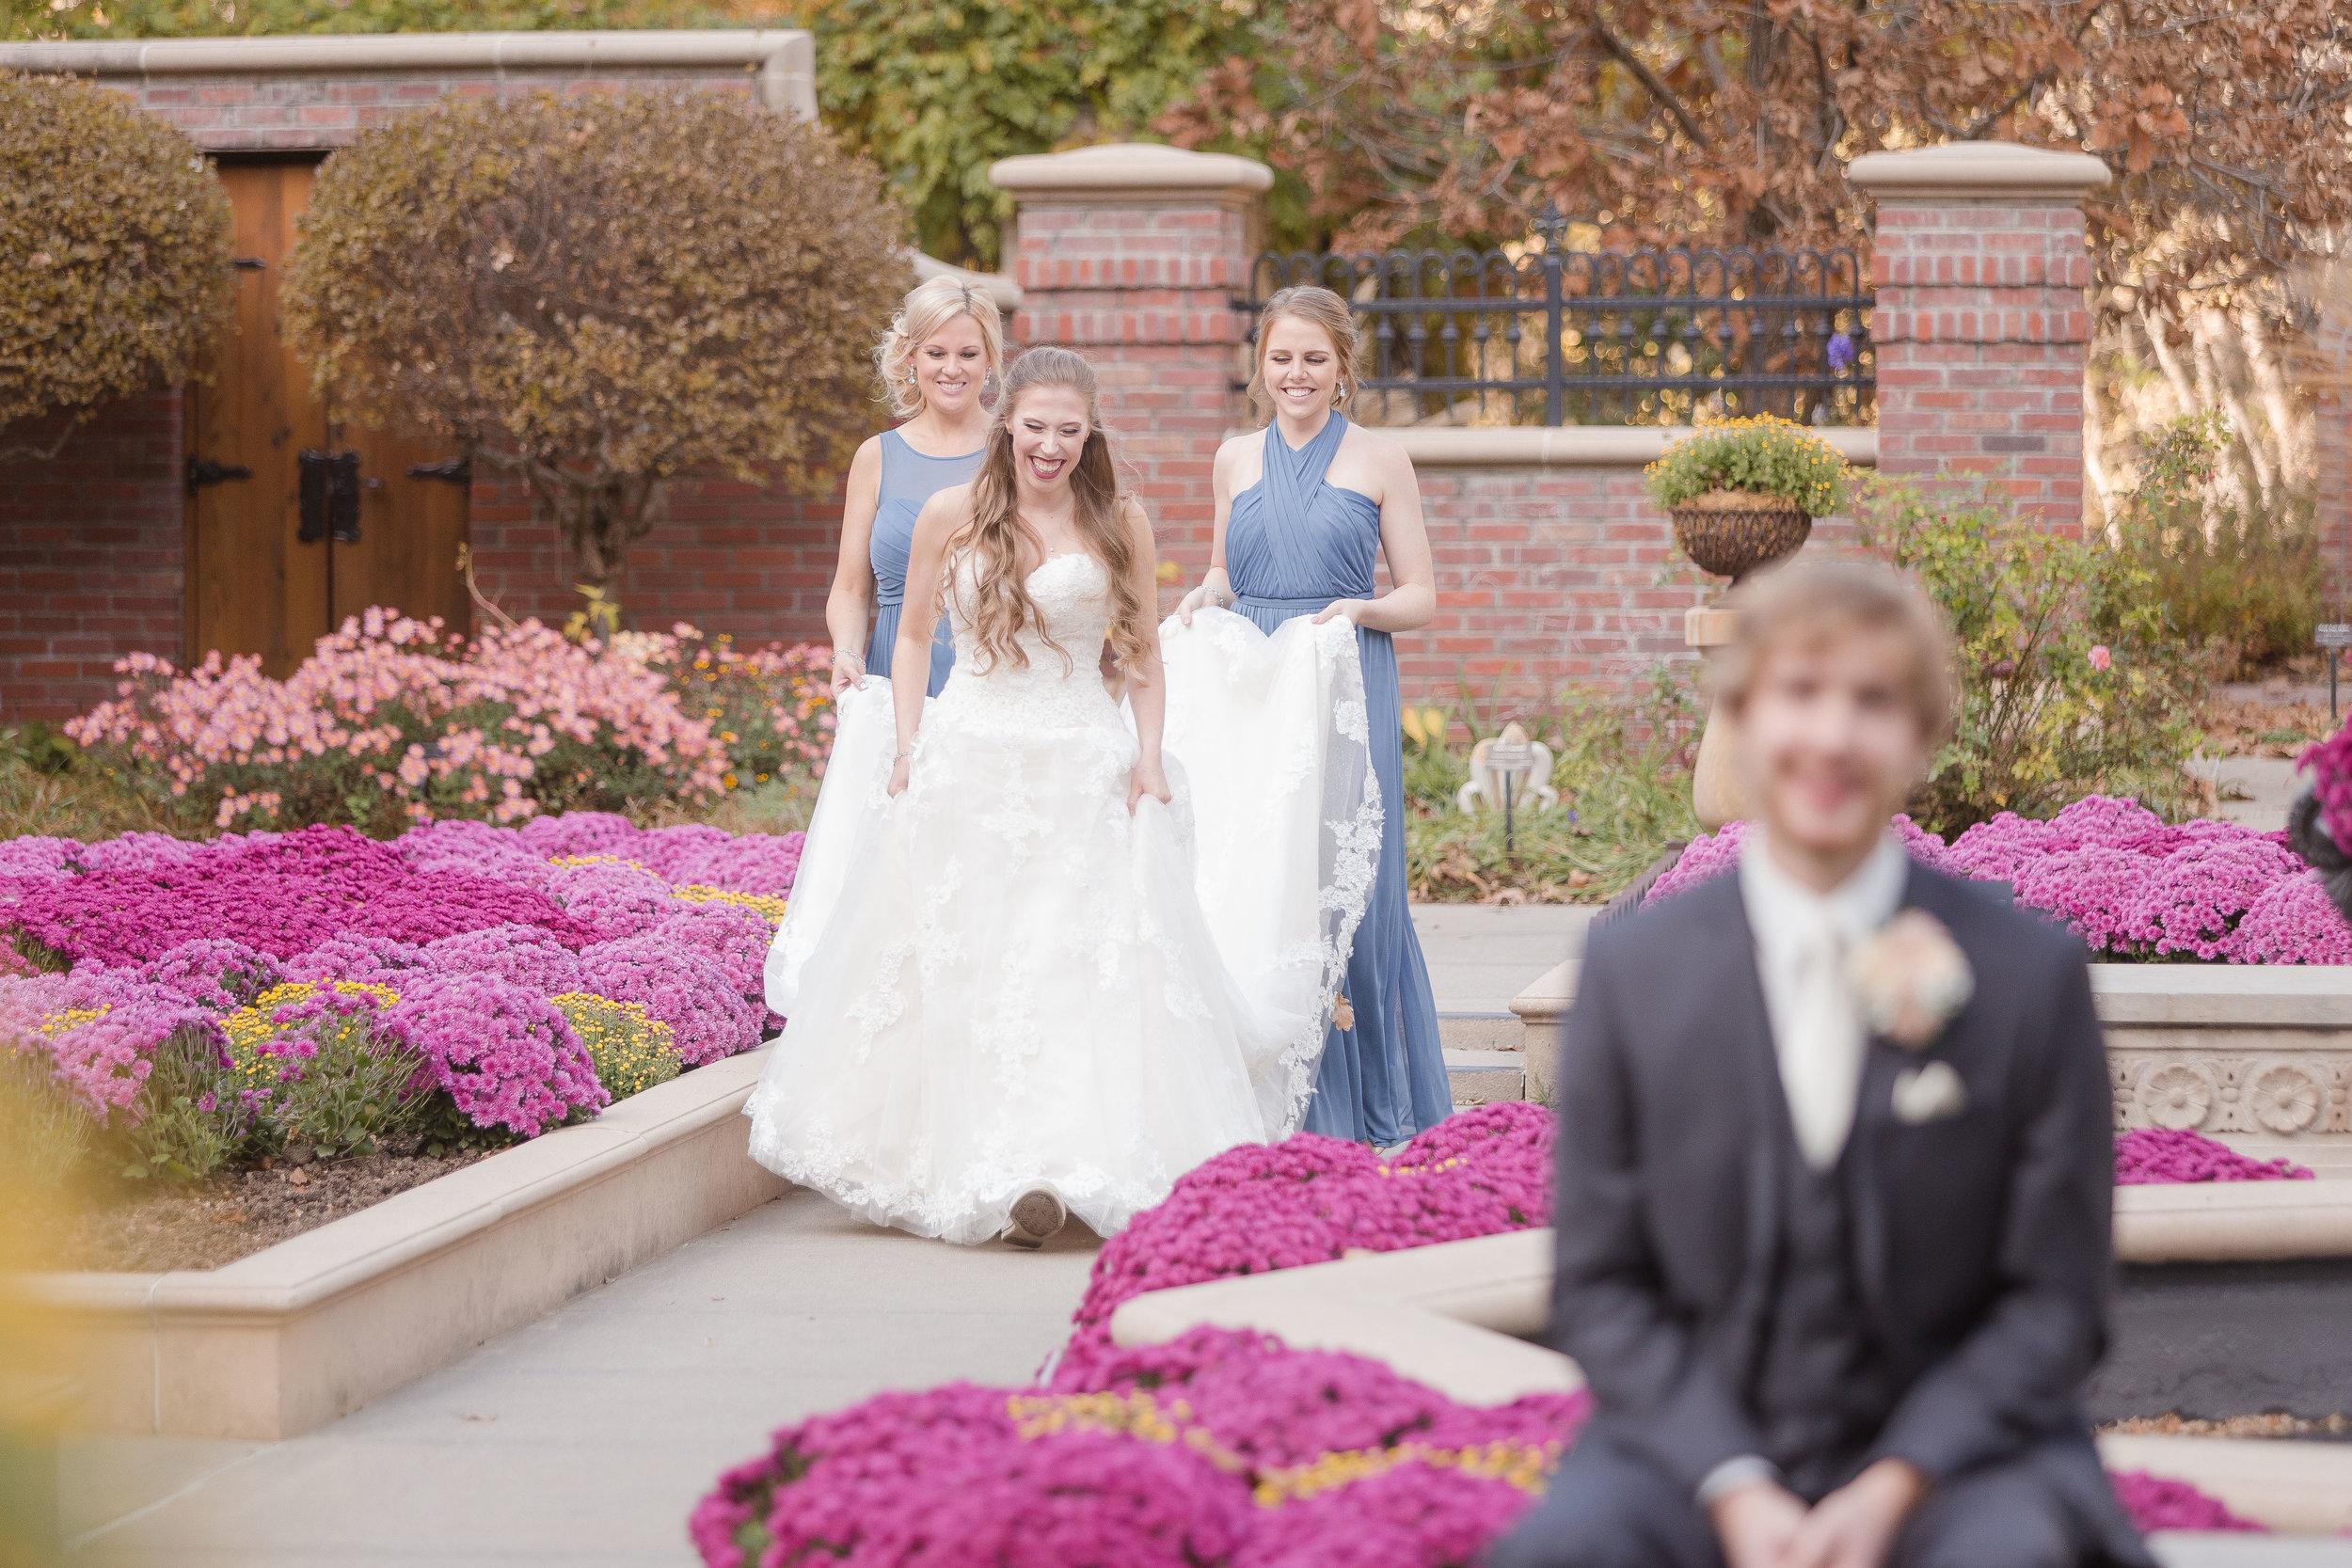 C_Wedding_Spellman, Megan & Tyler_10.27.18-638.JPG